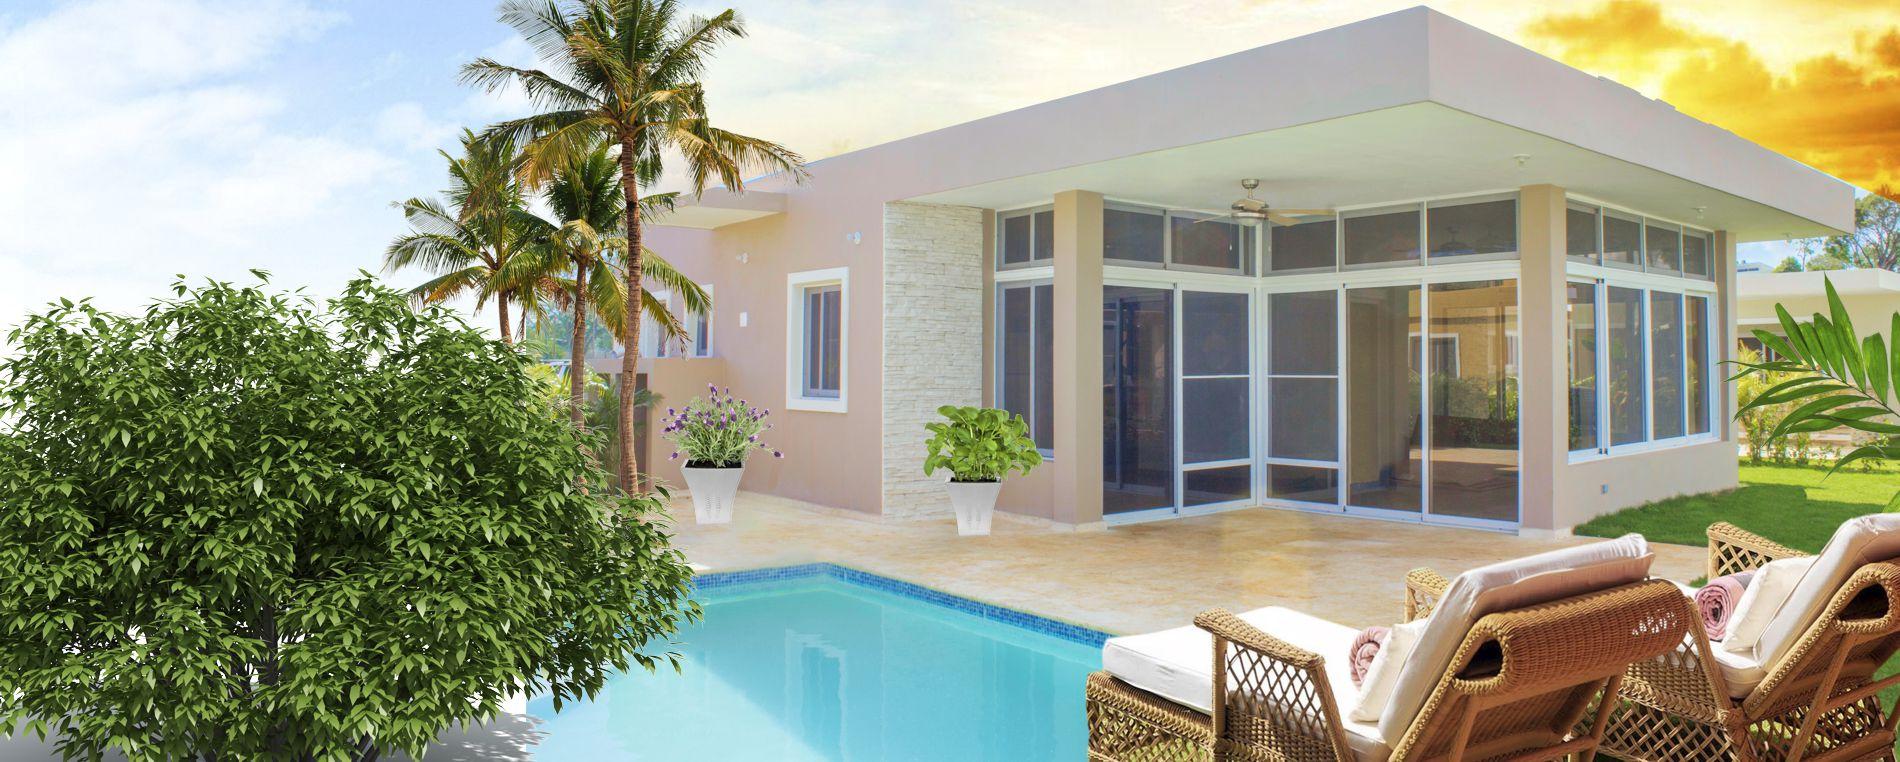 dominican republic luxury villas